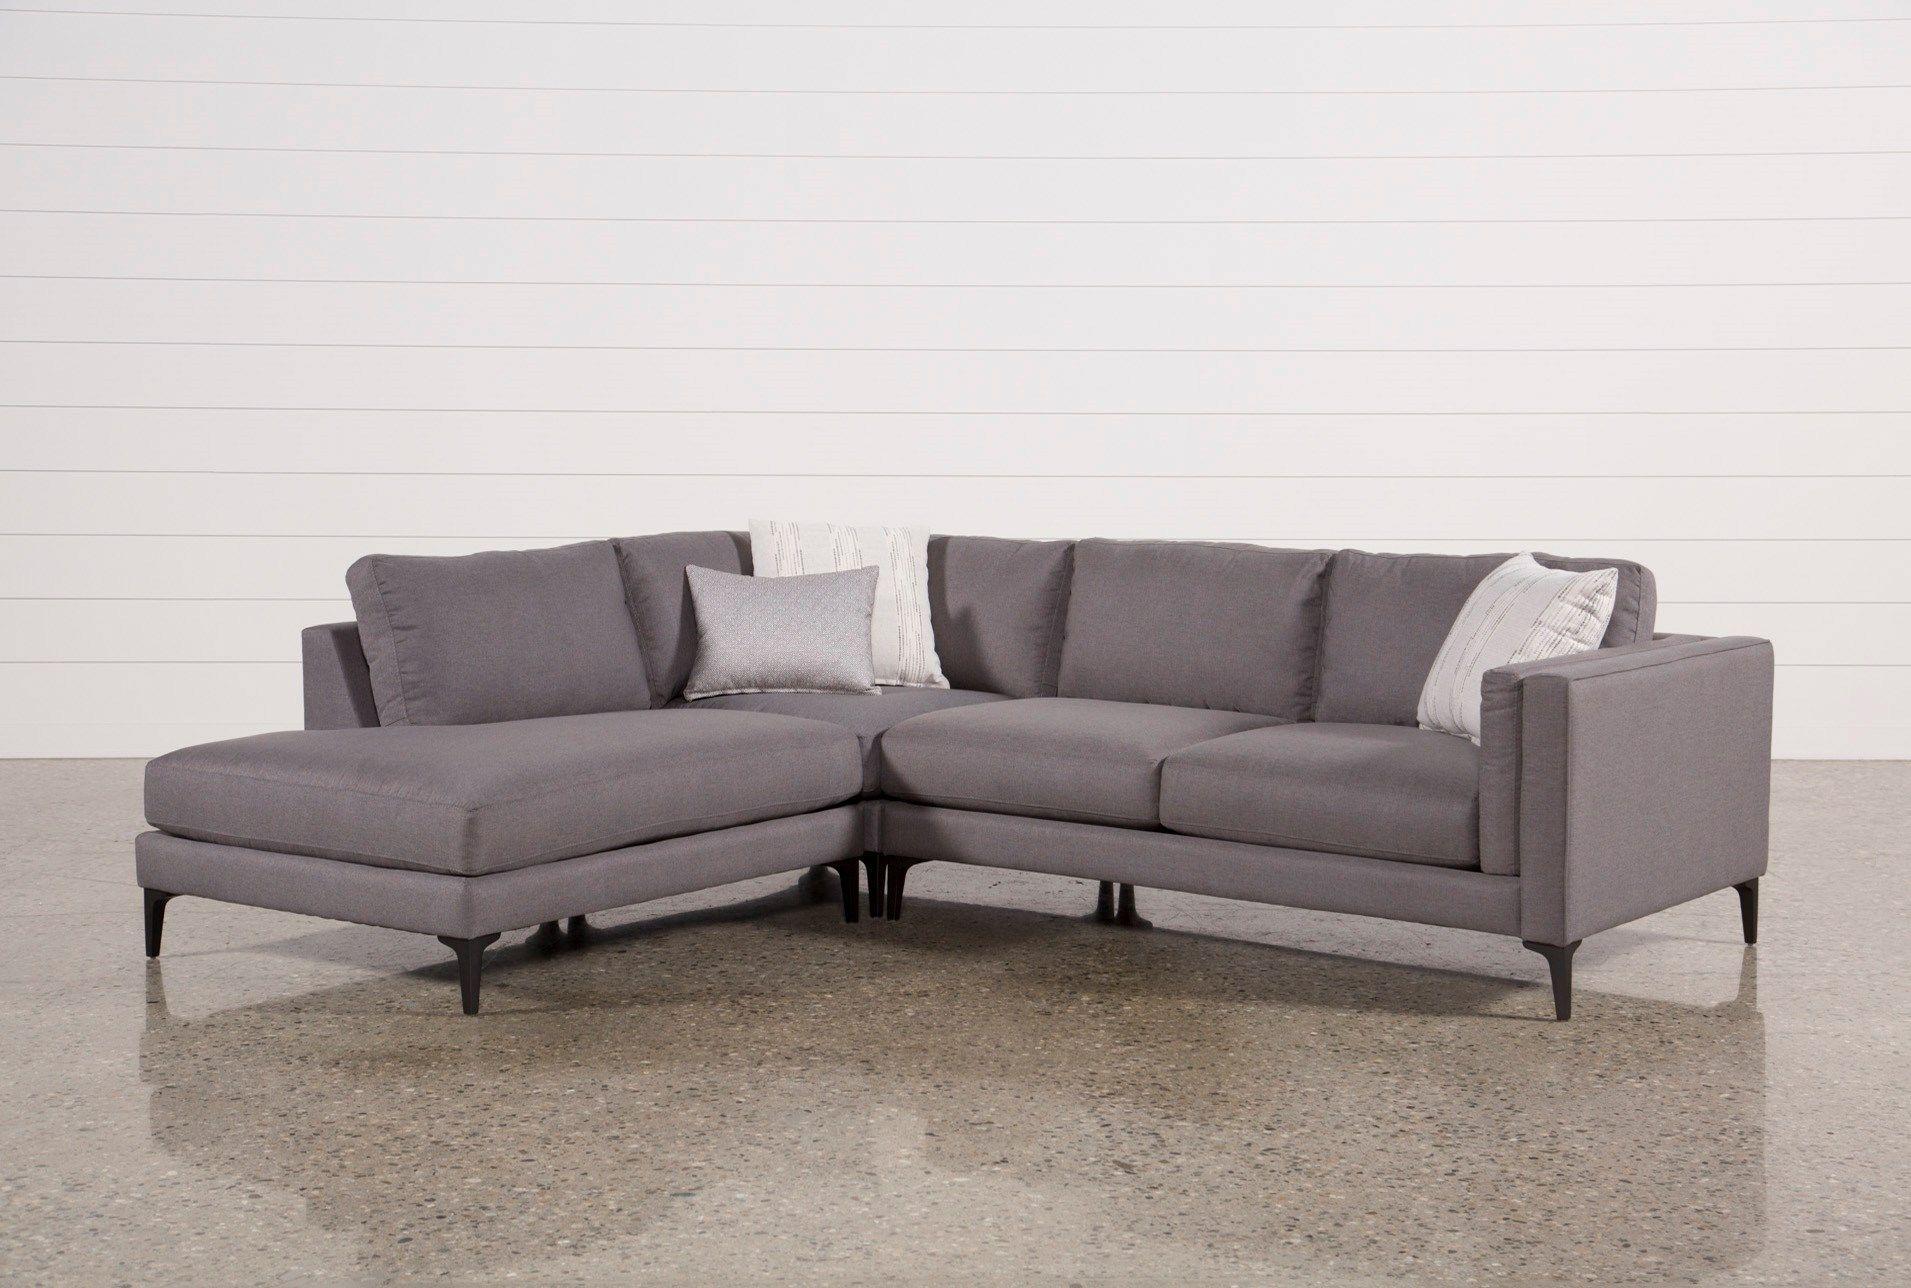 Furniture : Couch Seattle Fresh Alder 4 Piece Sectional Sofas with Seattle Sectional Sofas (Image 3 of 10)